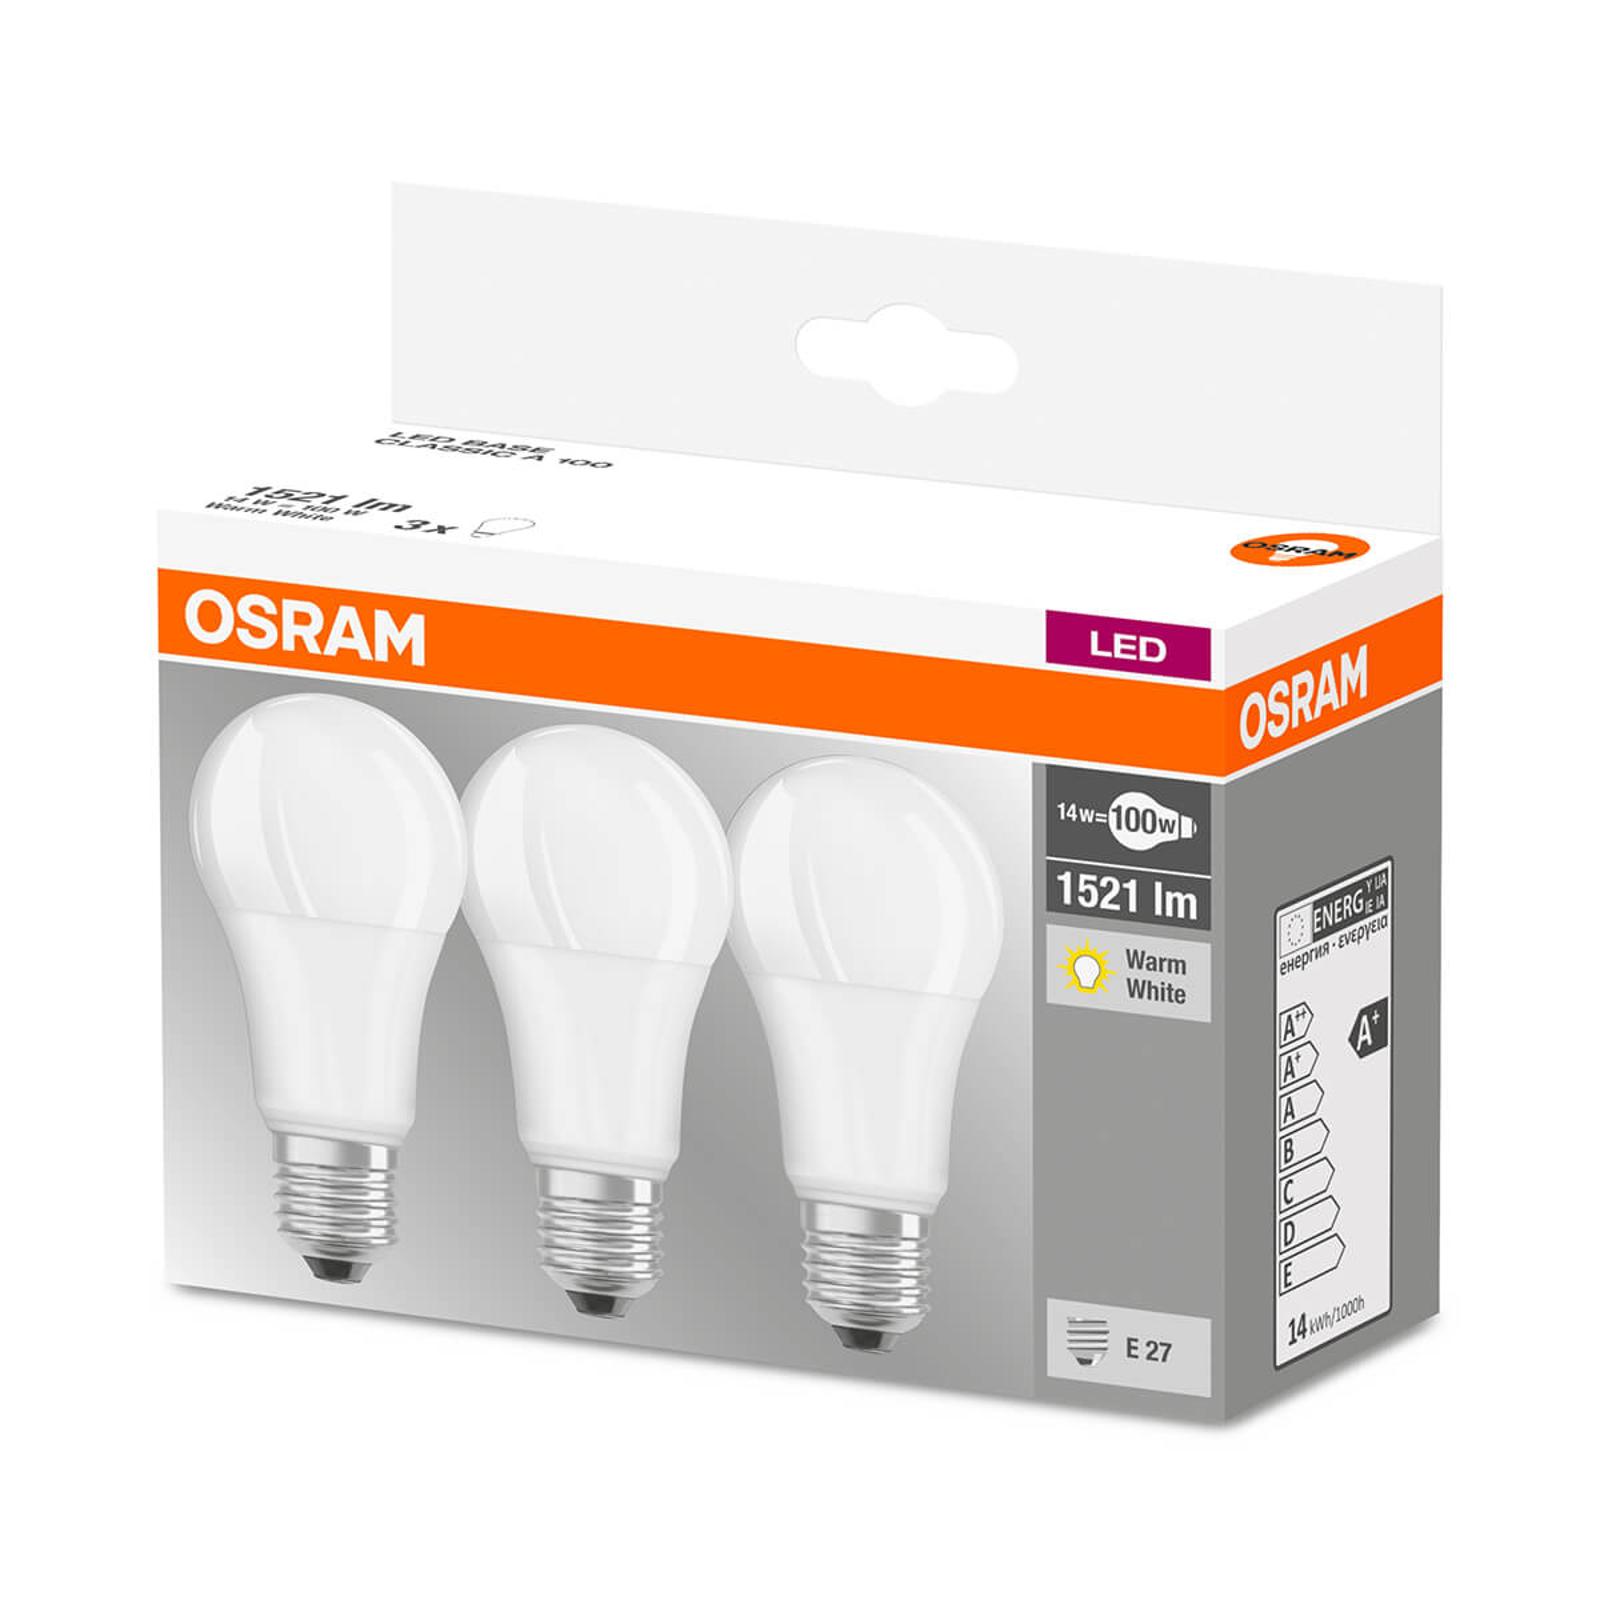 LED-pære E27 14W, varmhvid, 3'er sæt